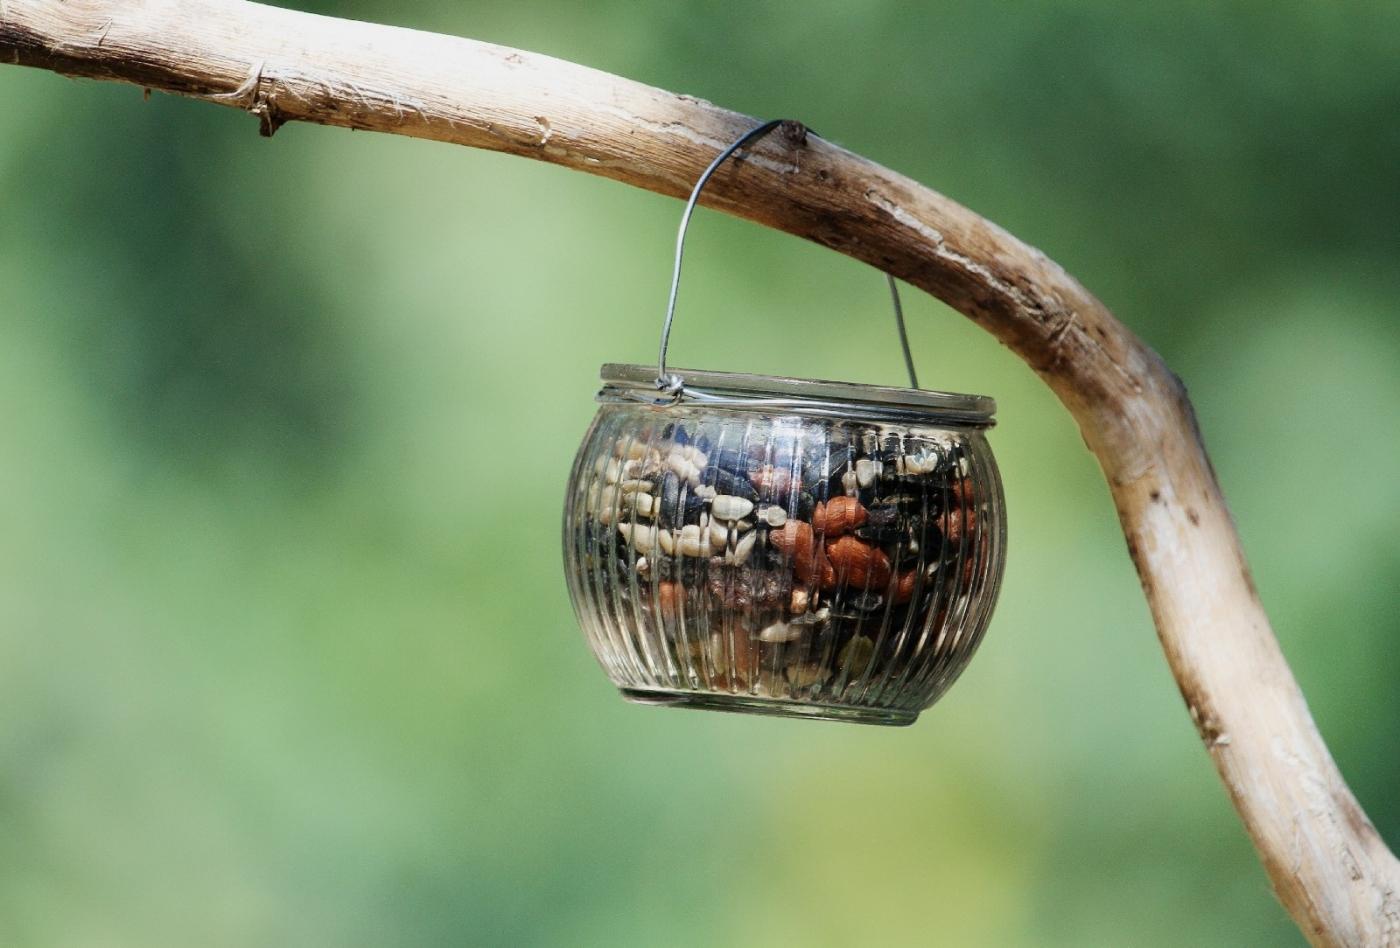 【田螺摄影】做个漂亮的喂鸟器更吸引红衣主教_图1-16